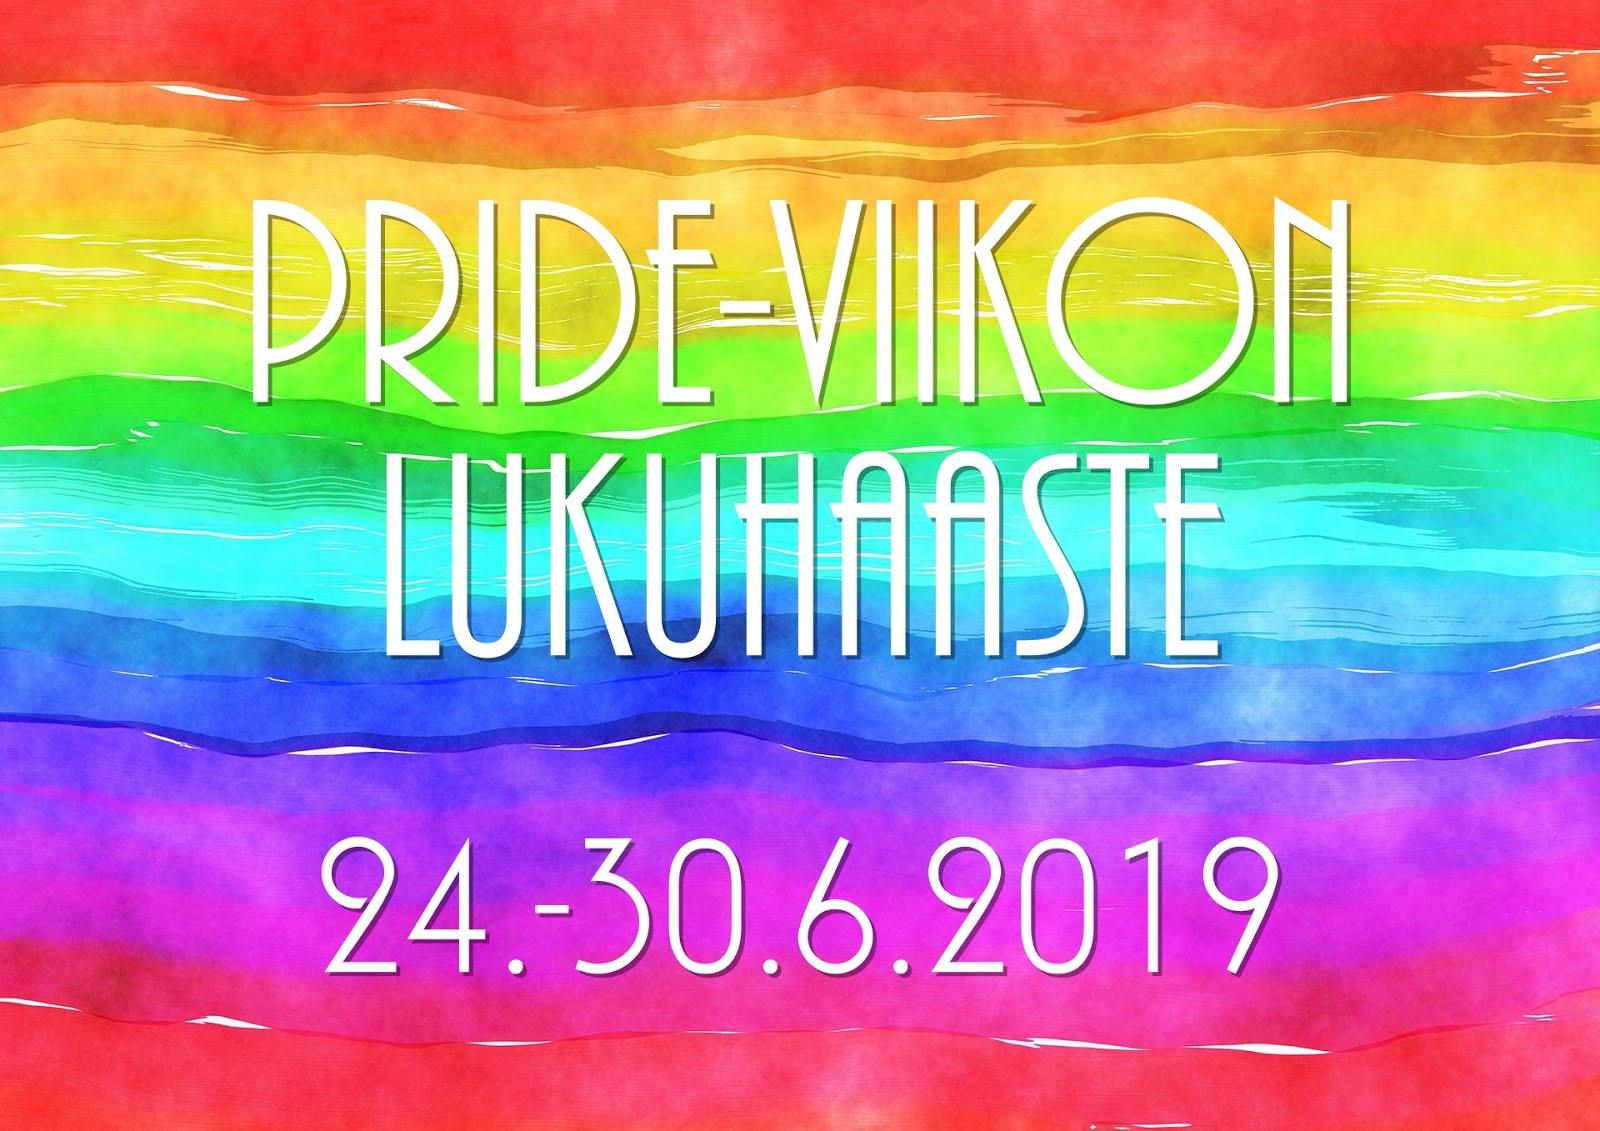 Pride-viikon lukuhaaste (24.-30.6.2019)